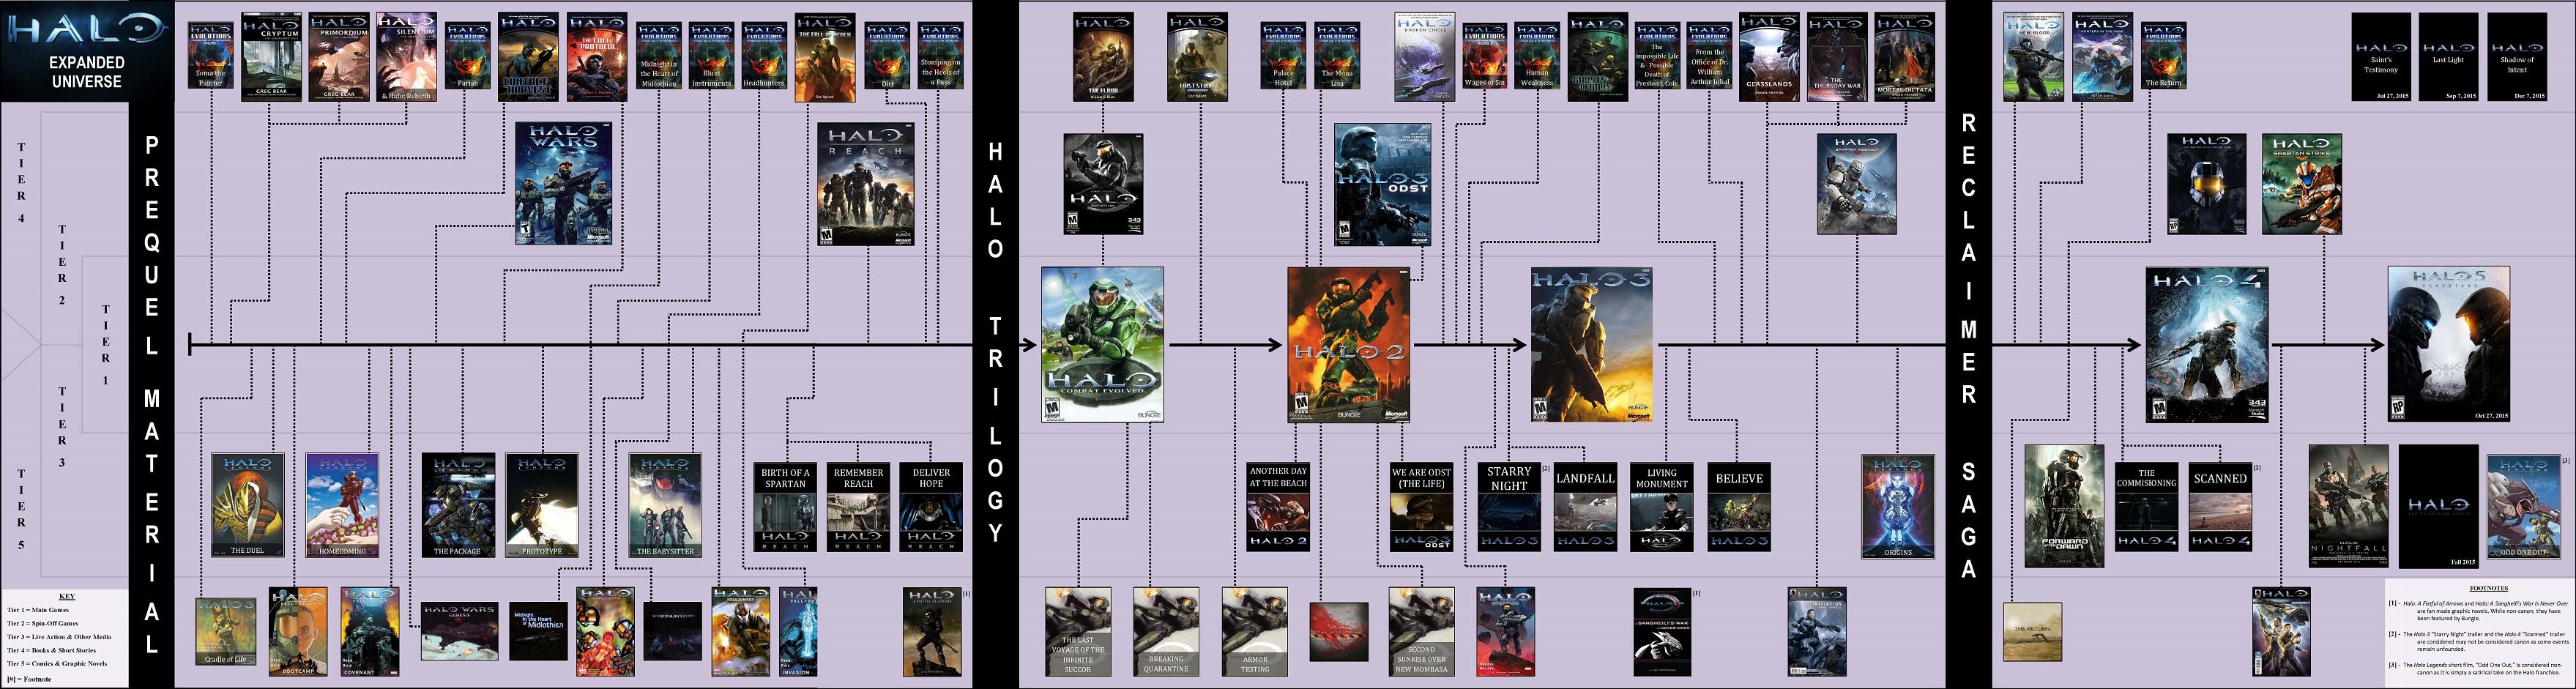 Halo timeline